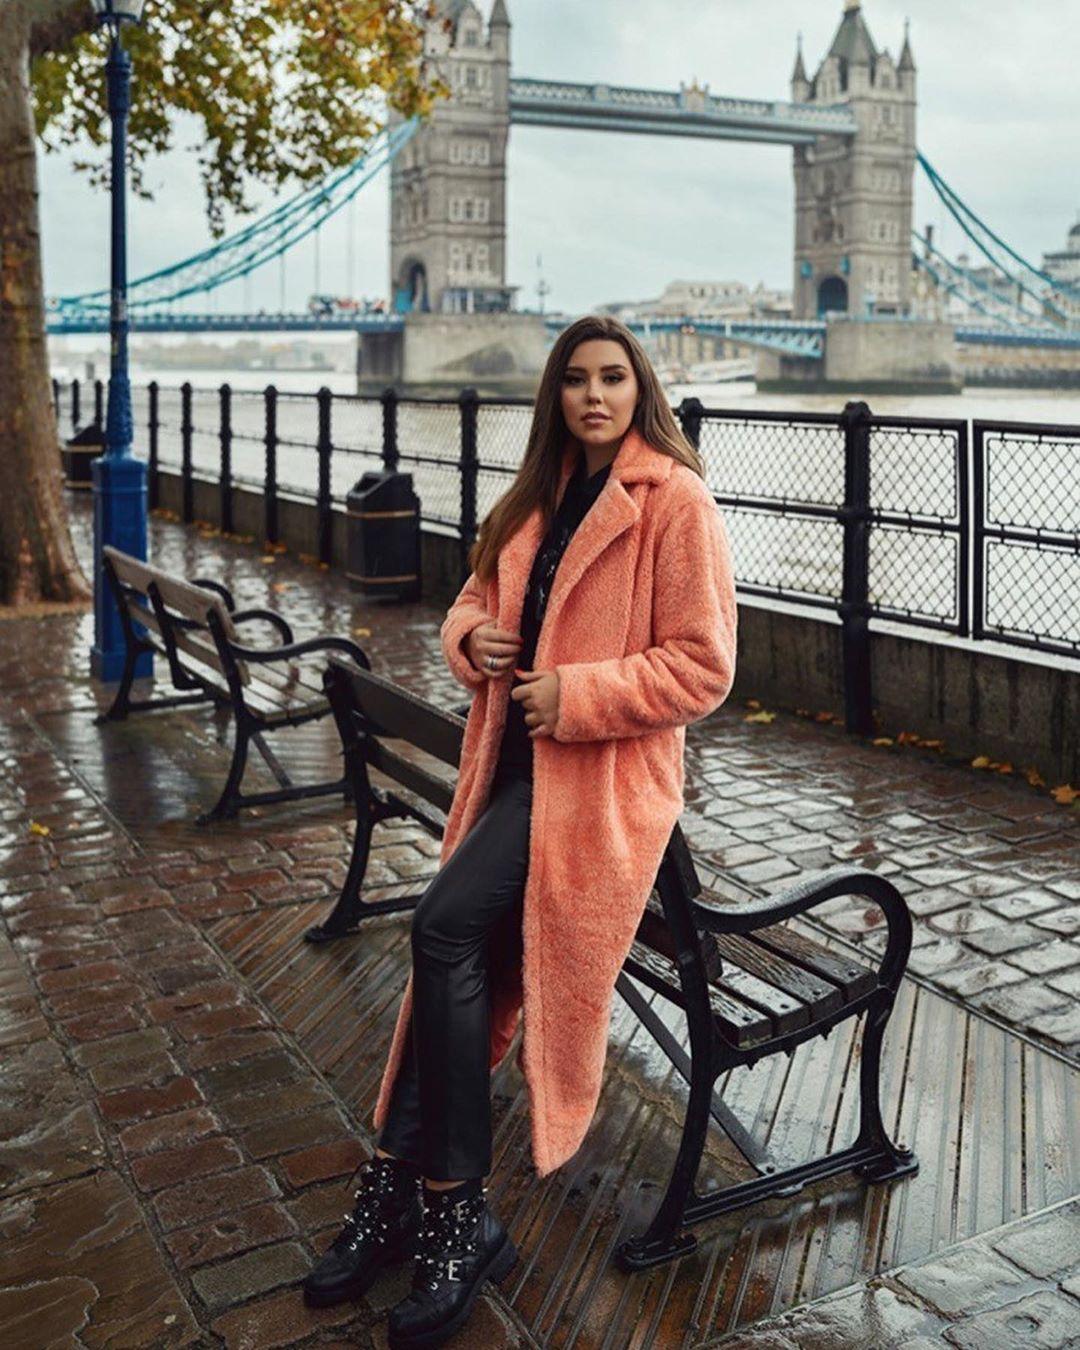 22-летняя дочь Павла Зиброва появилась на обложке глянца